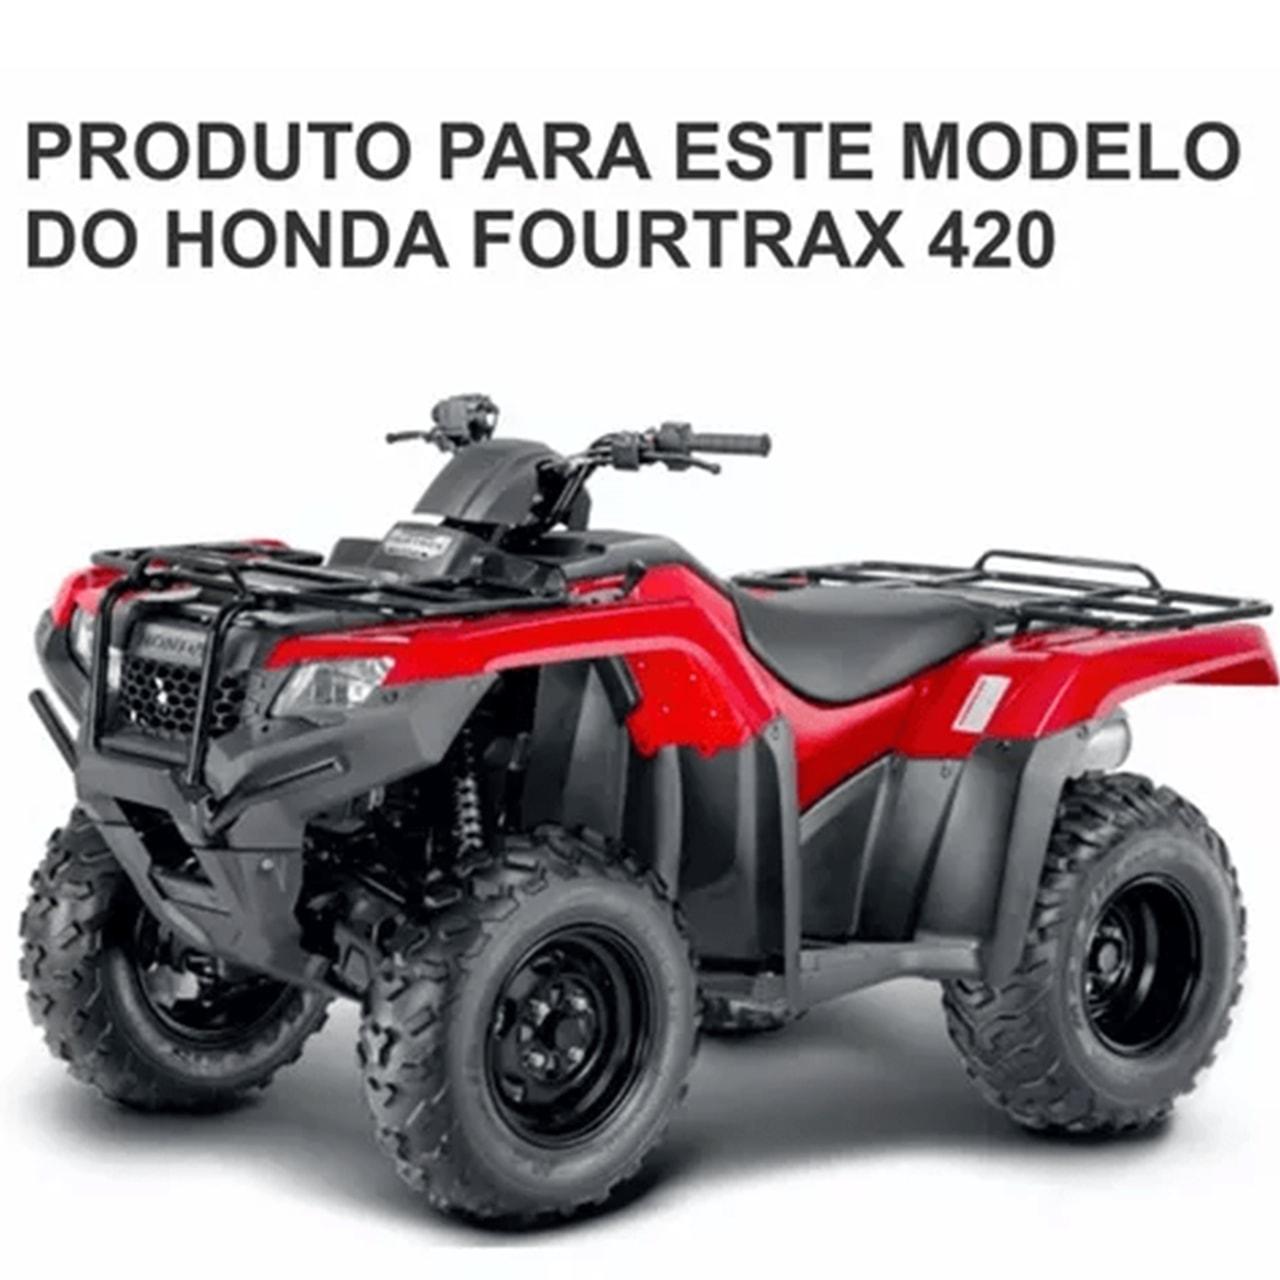 Pivô Bandeja Inferior Quadriciclo Honda Fourtrax Trx 420 Original 51355HP5601